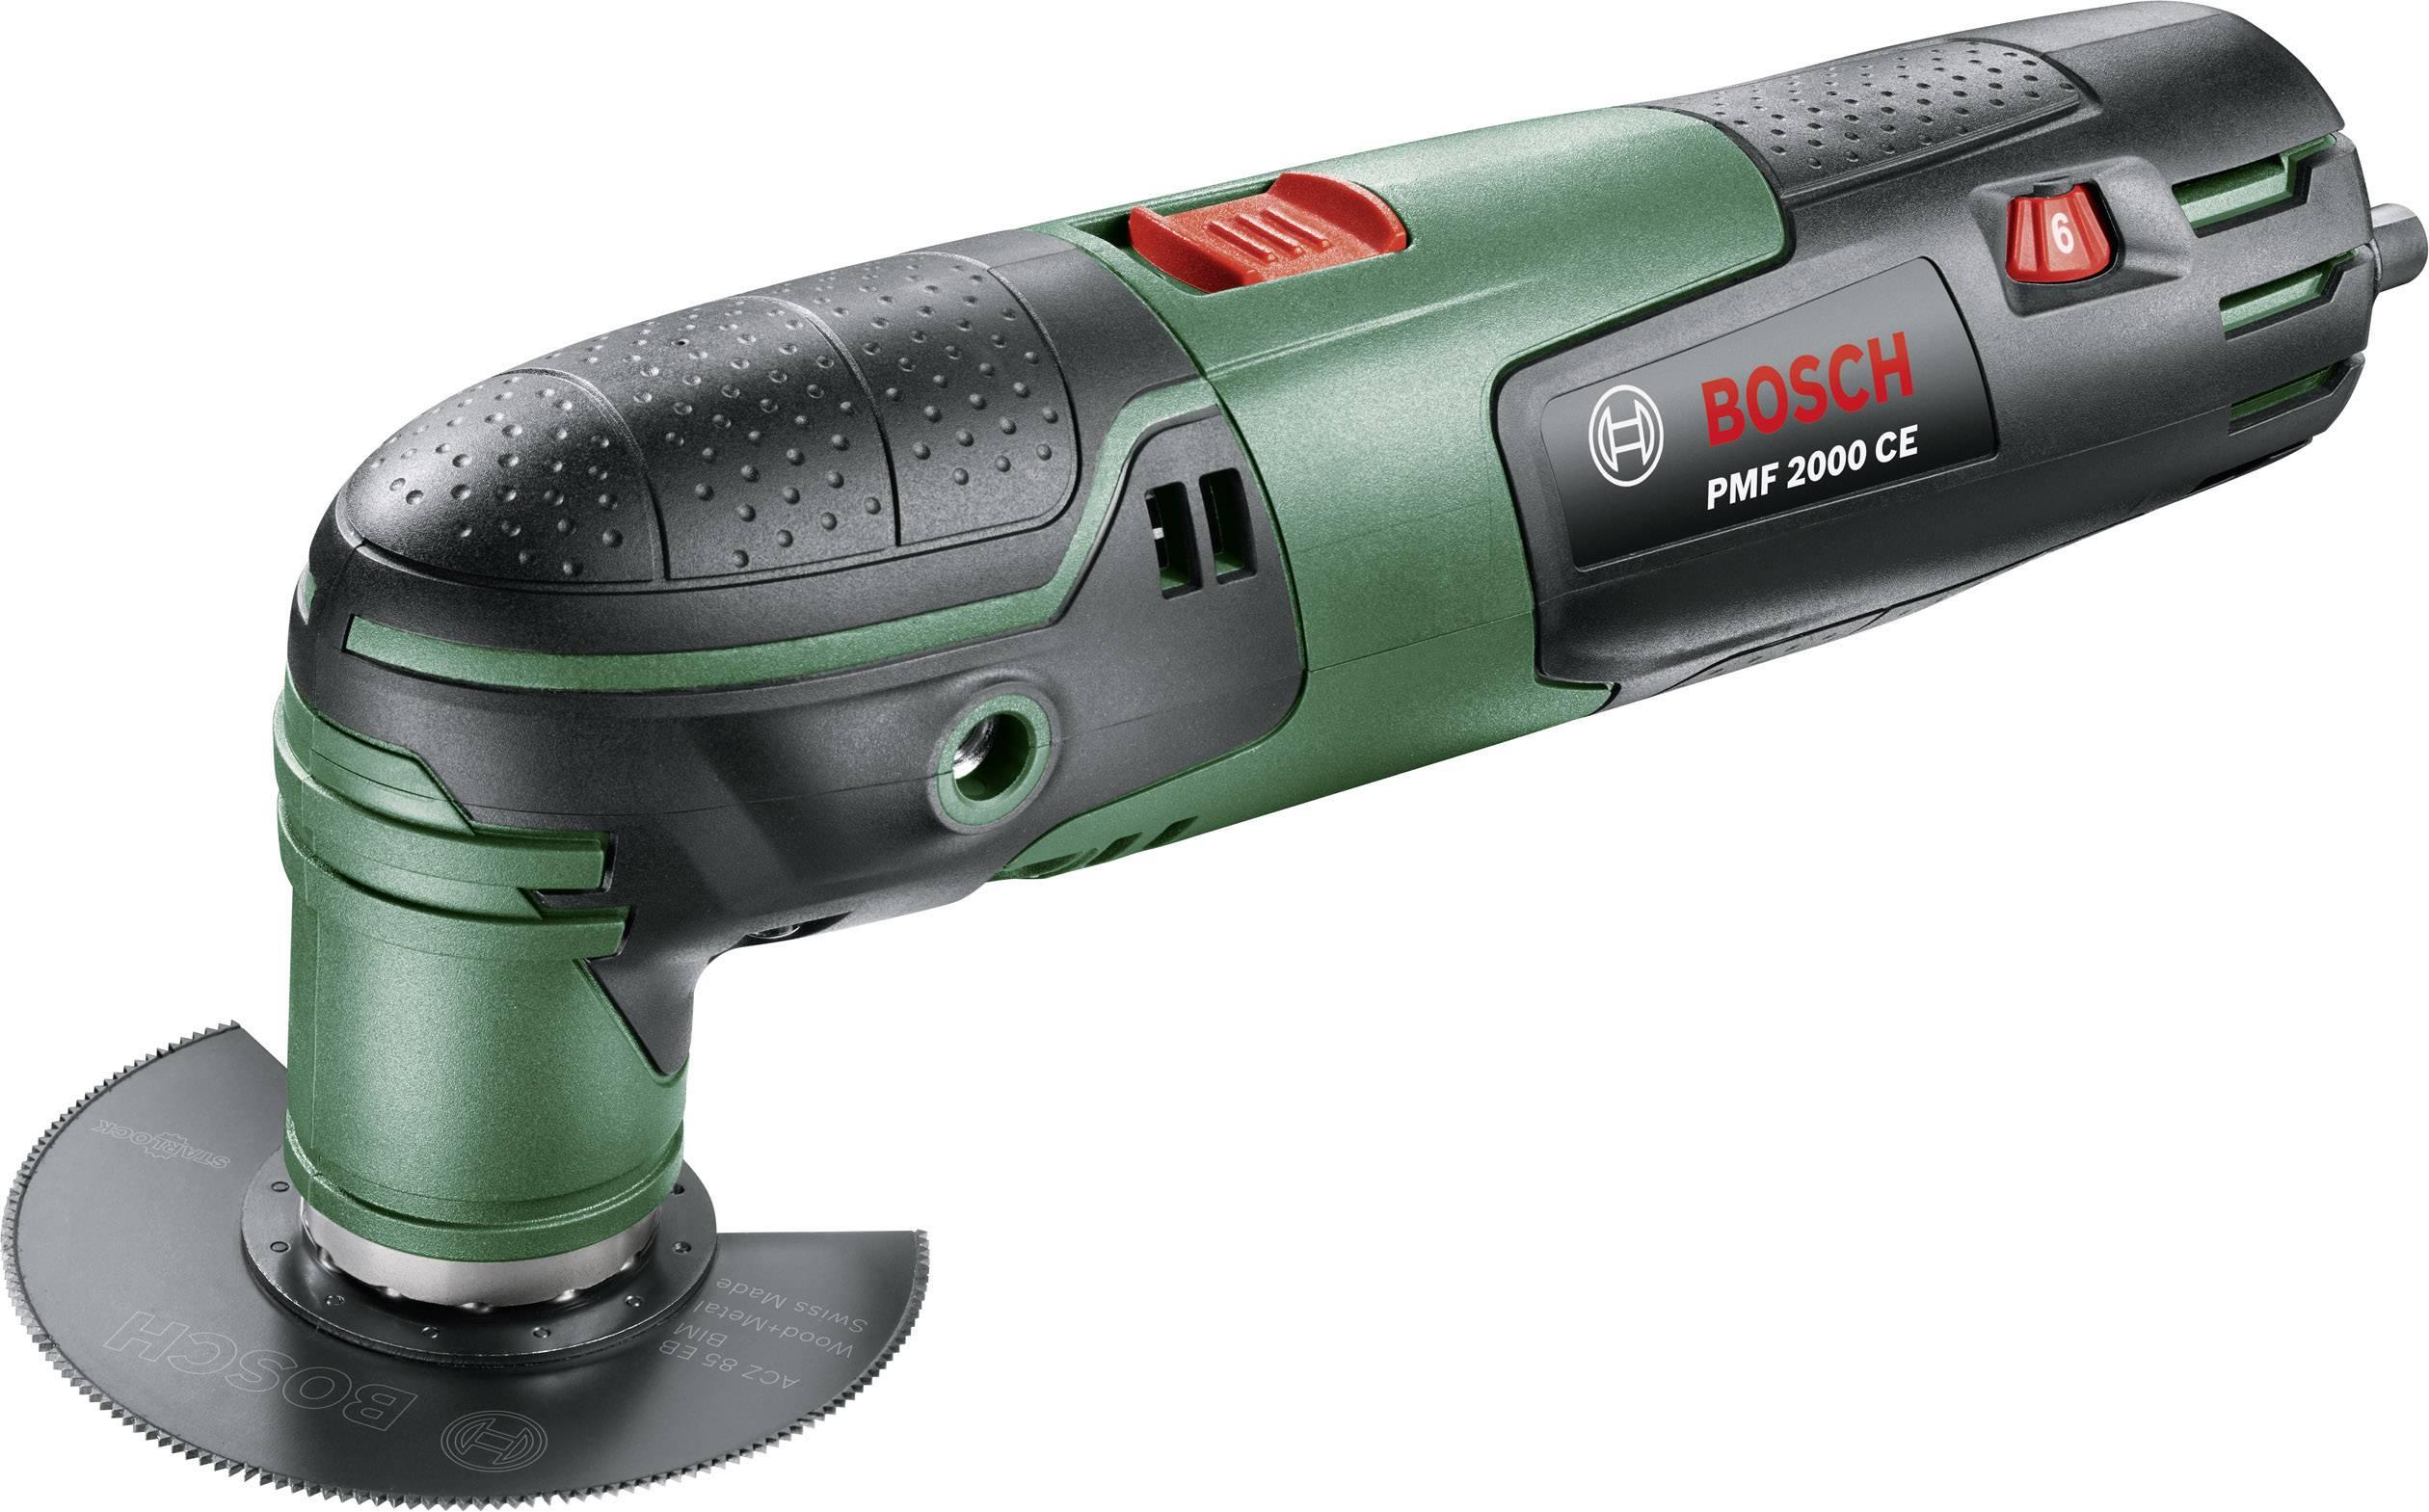 Multifunkčné náradie Bosch Home and Garden PMF 2000 CE 0603102003, 220 W, vr. príslušenstva